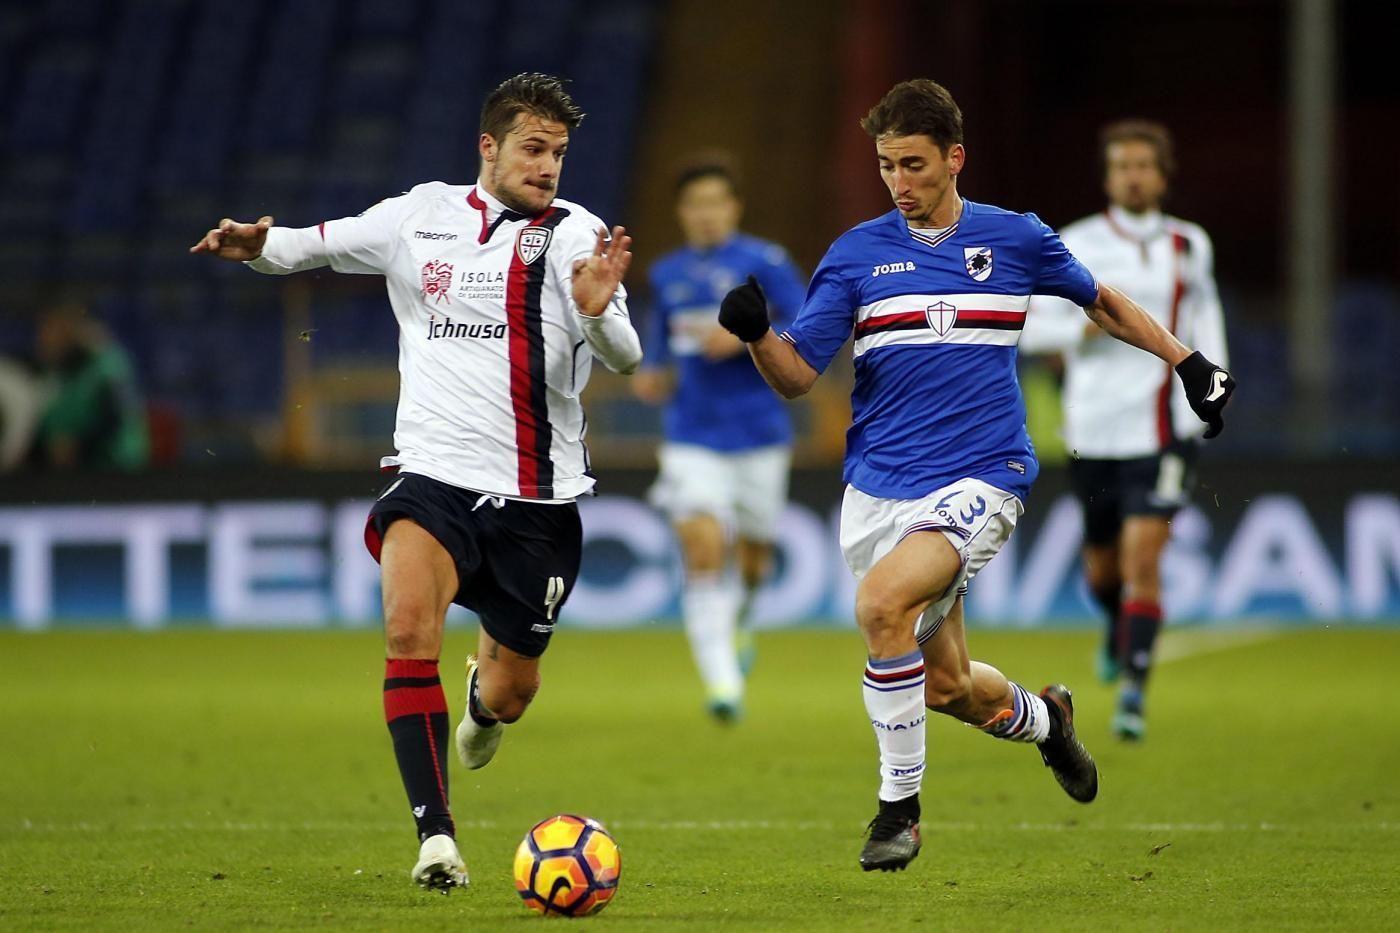 Sampdoria vs Cagliari Coppa Italia Tim 2016/2017